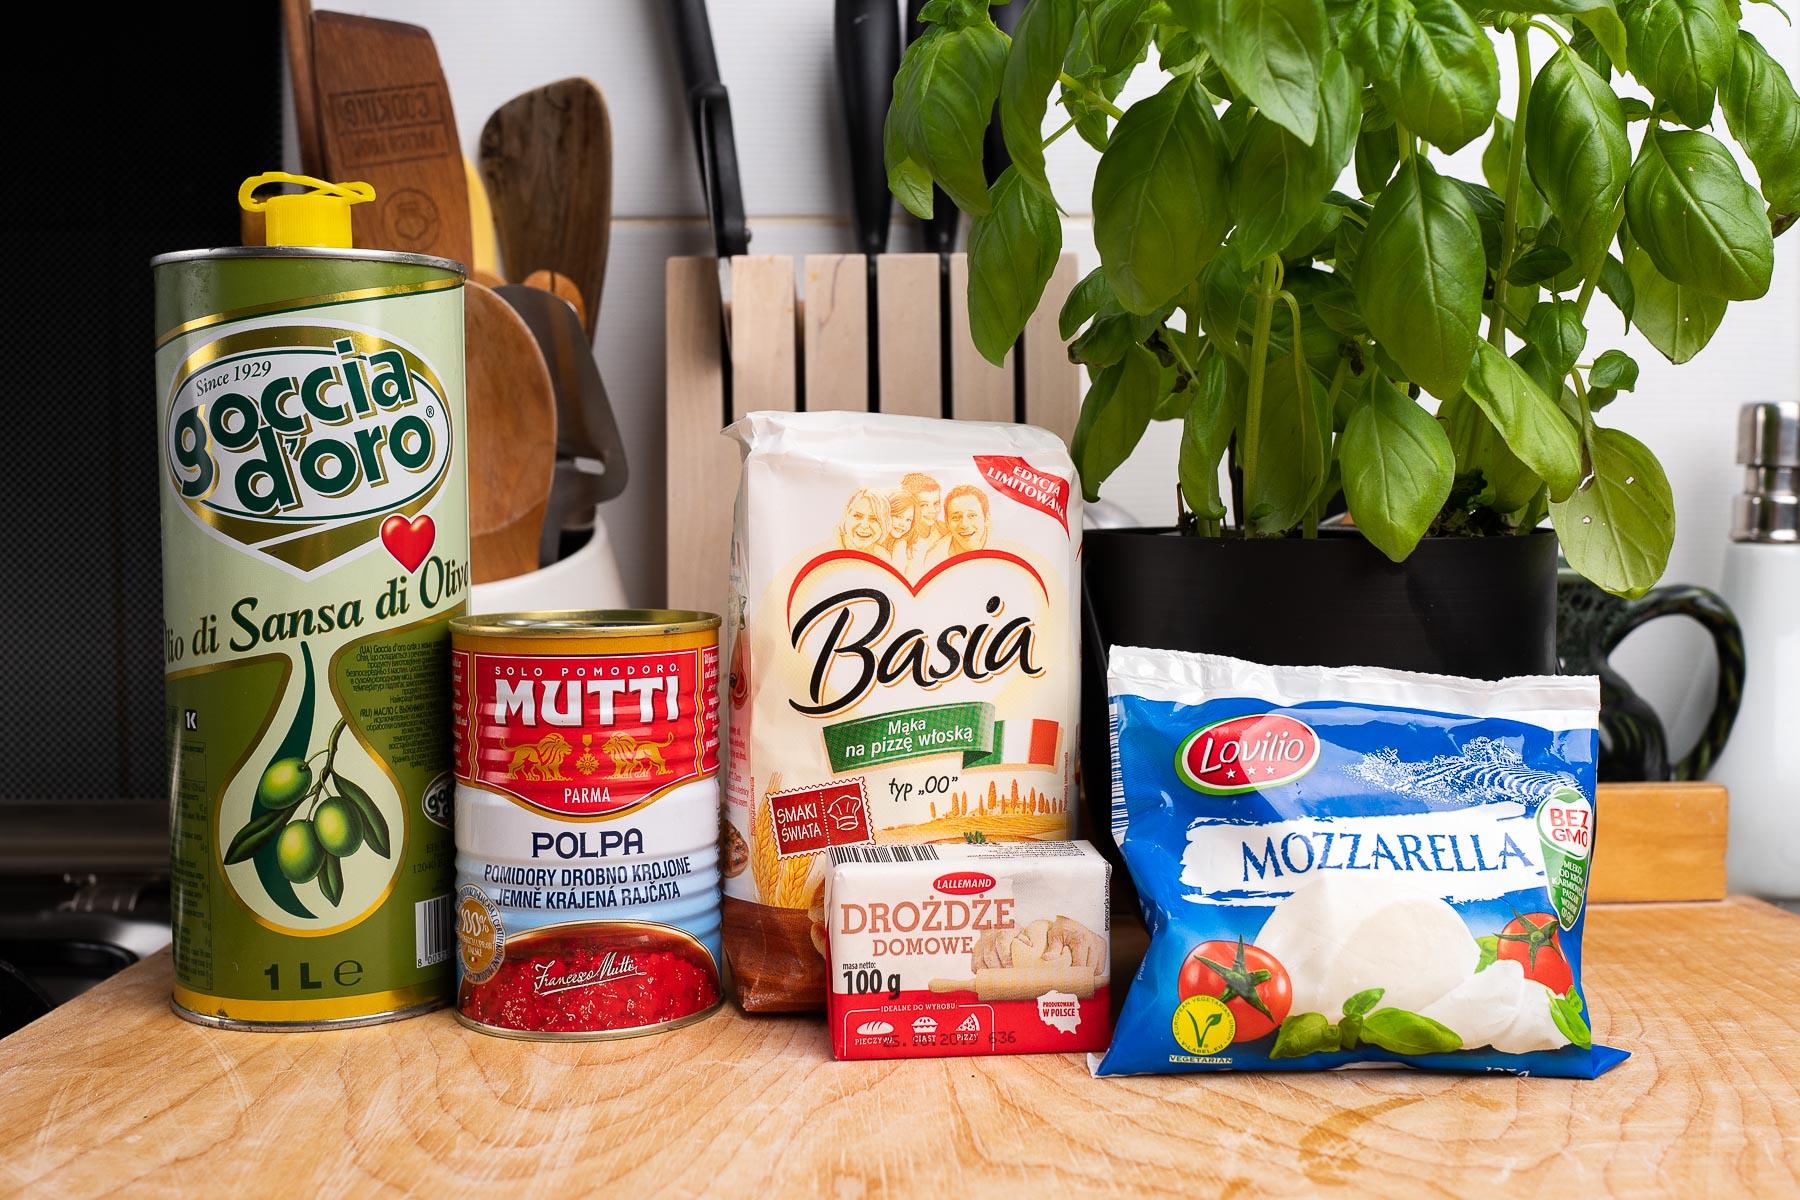 oliwa z oliwek, pomidory, mąka typ 00, drożdże świeże, ser mozzarella, bazylia